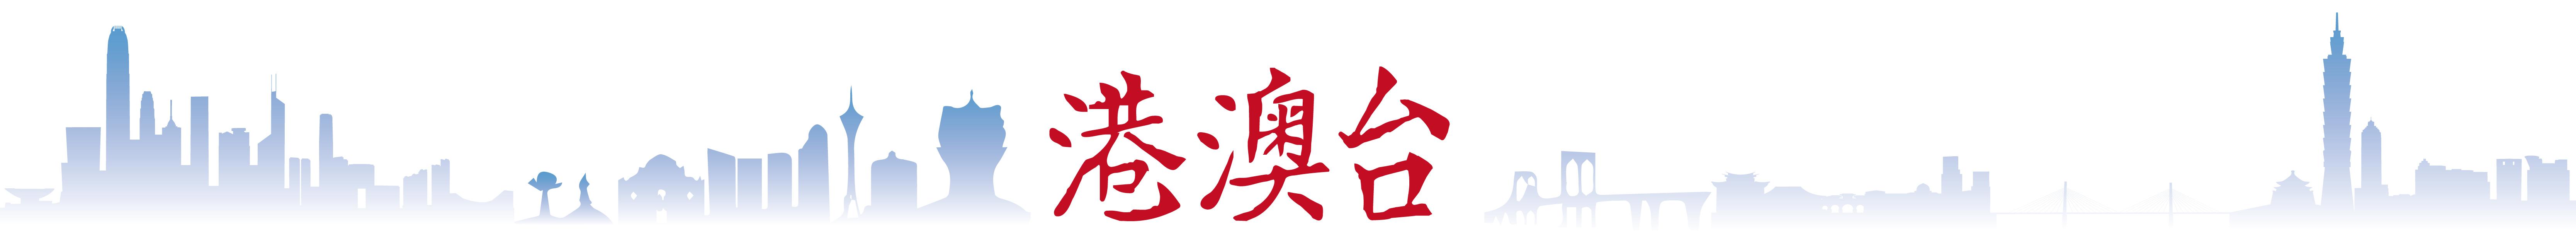 """面对去年前所未有暴力,为何香港警队新""""一哥""""坚信年轻人还有希望"""